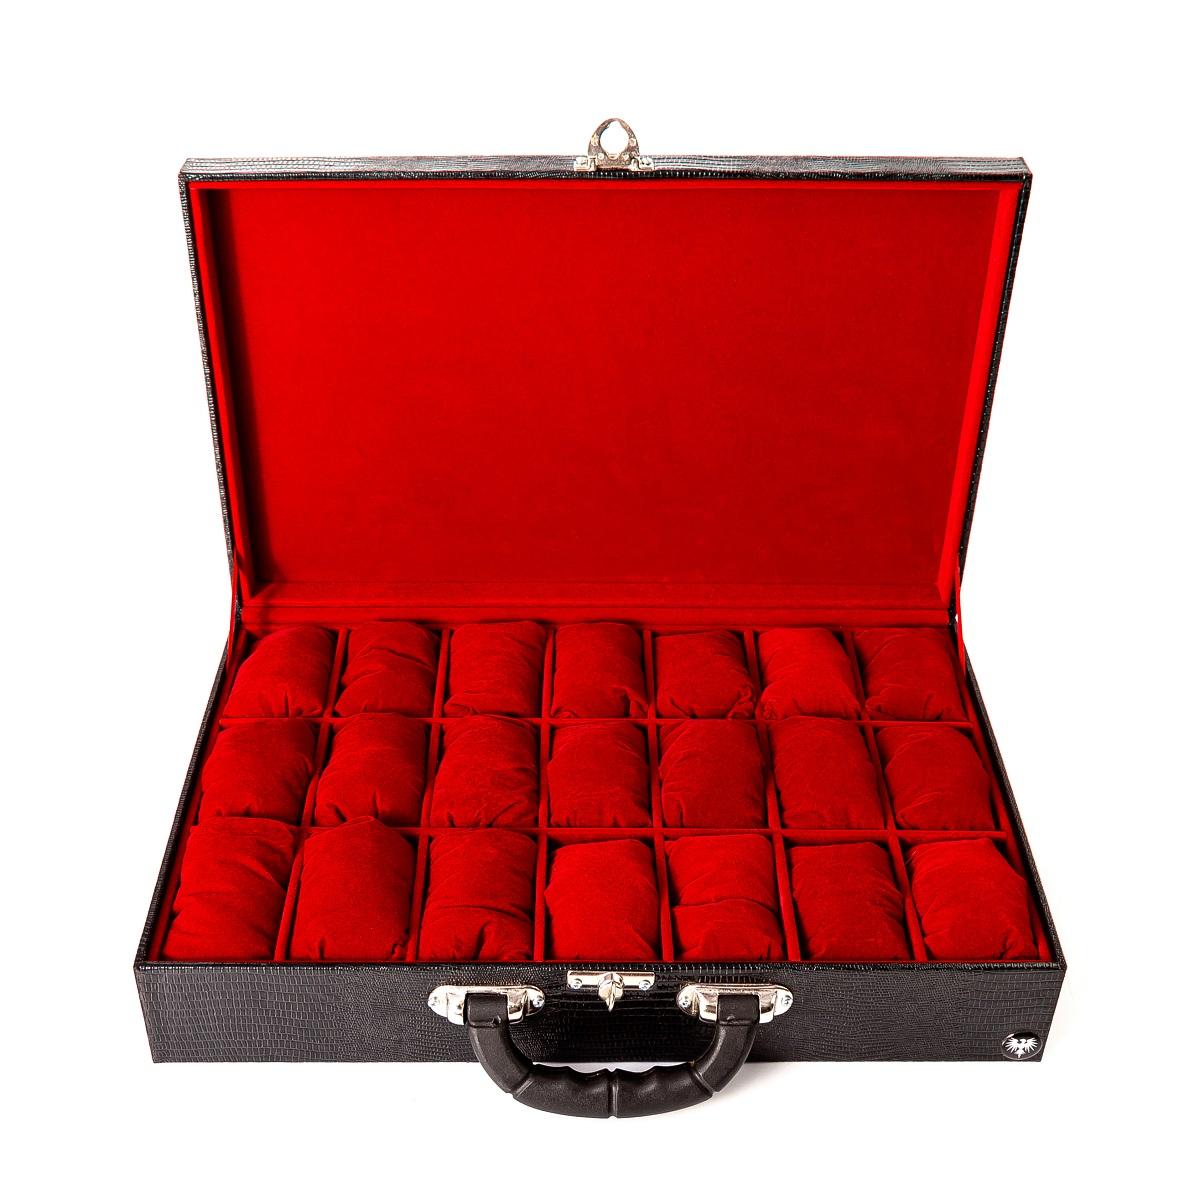 maleta-porta-relogio-21-nichos-couro-ecologico-preto-vermelho-imagem-2.jpg